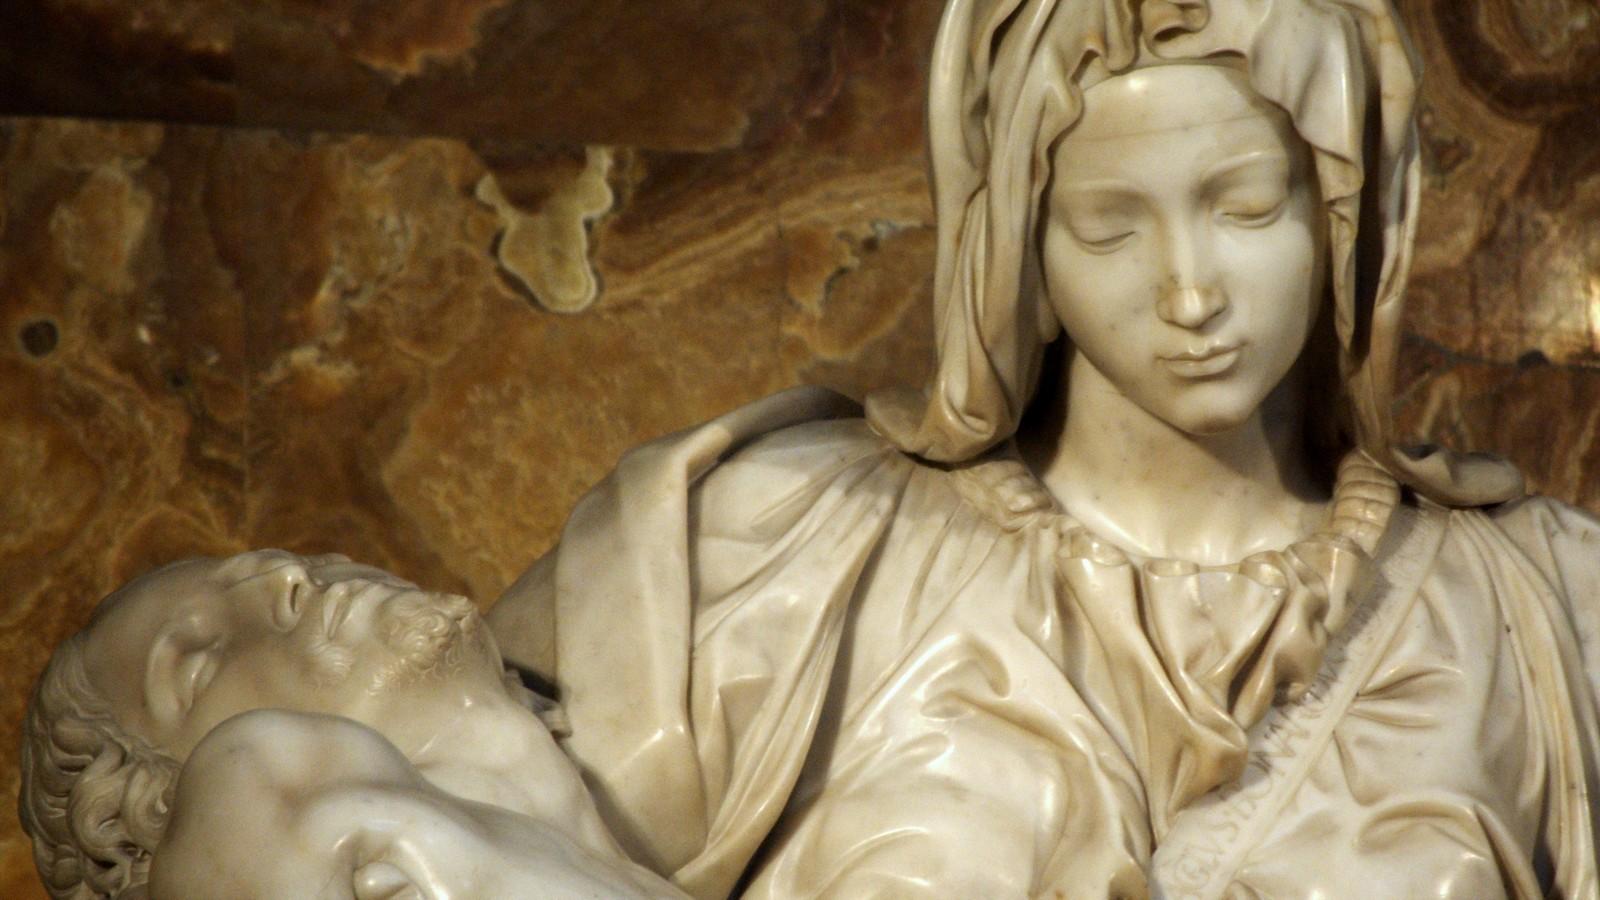 Apariciones a Teresa Musco, Estigmatizada y con Grandes Dones, Italia (8 ene)